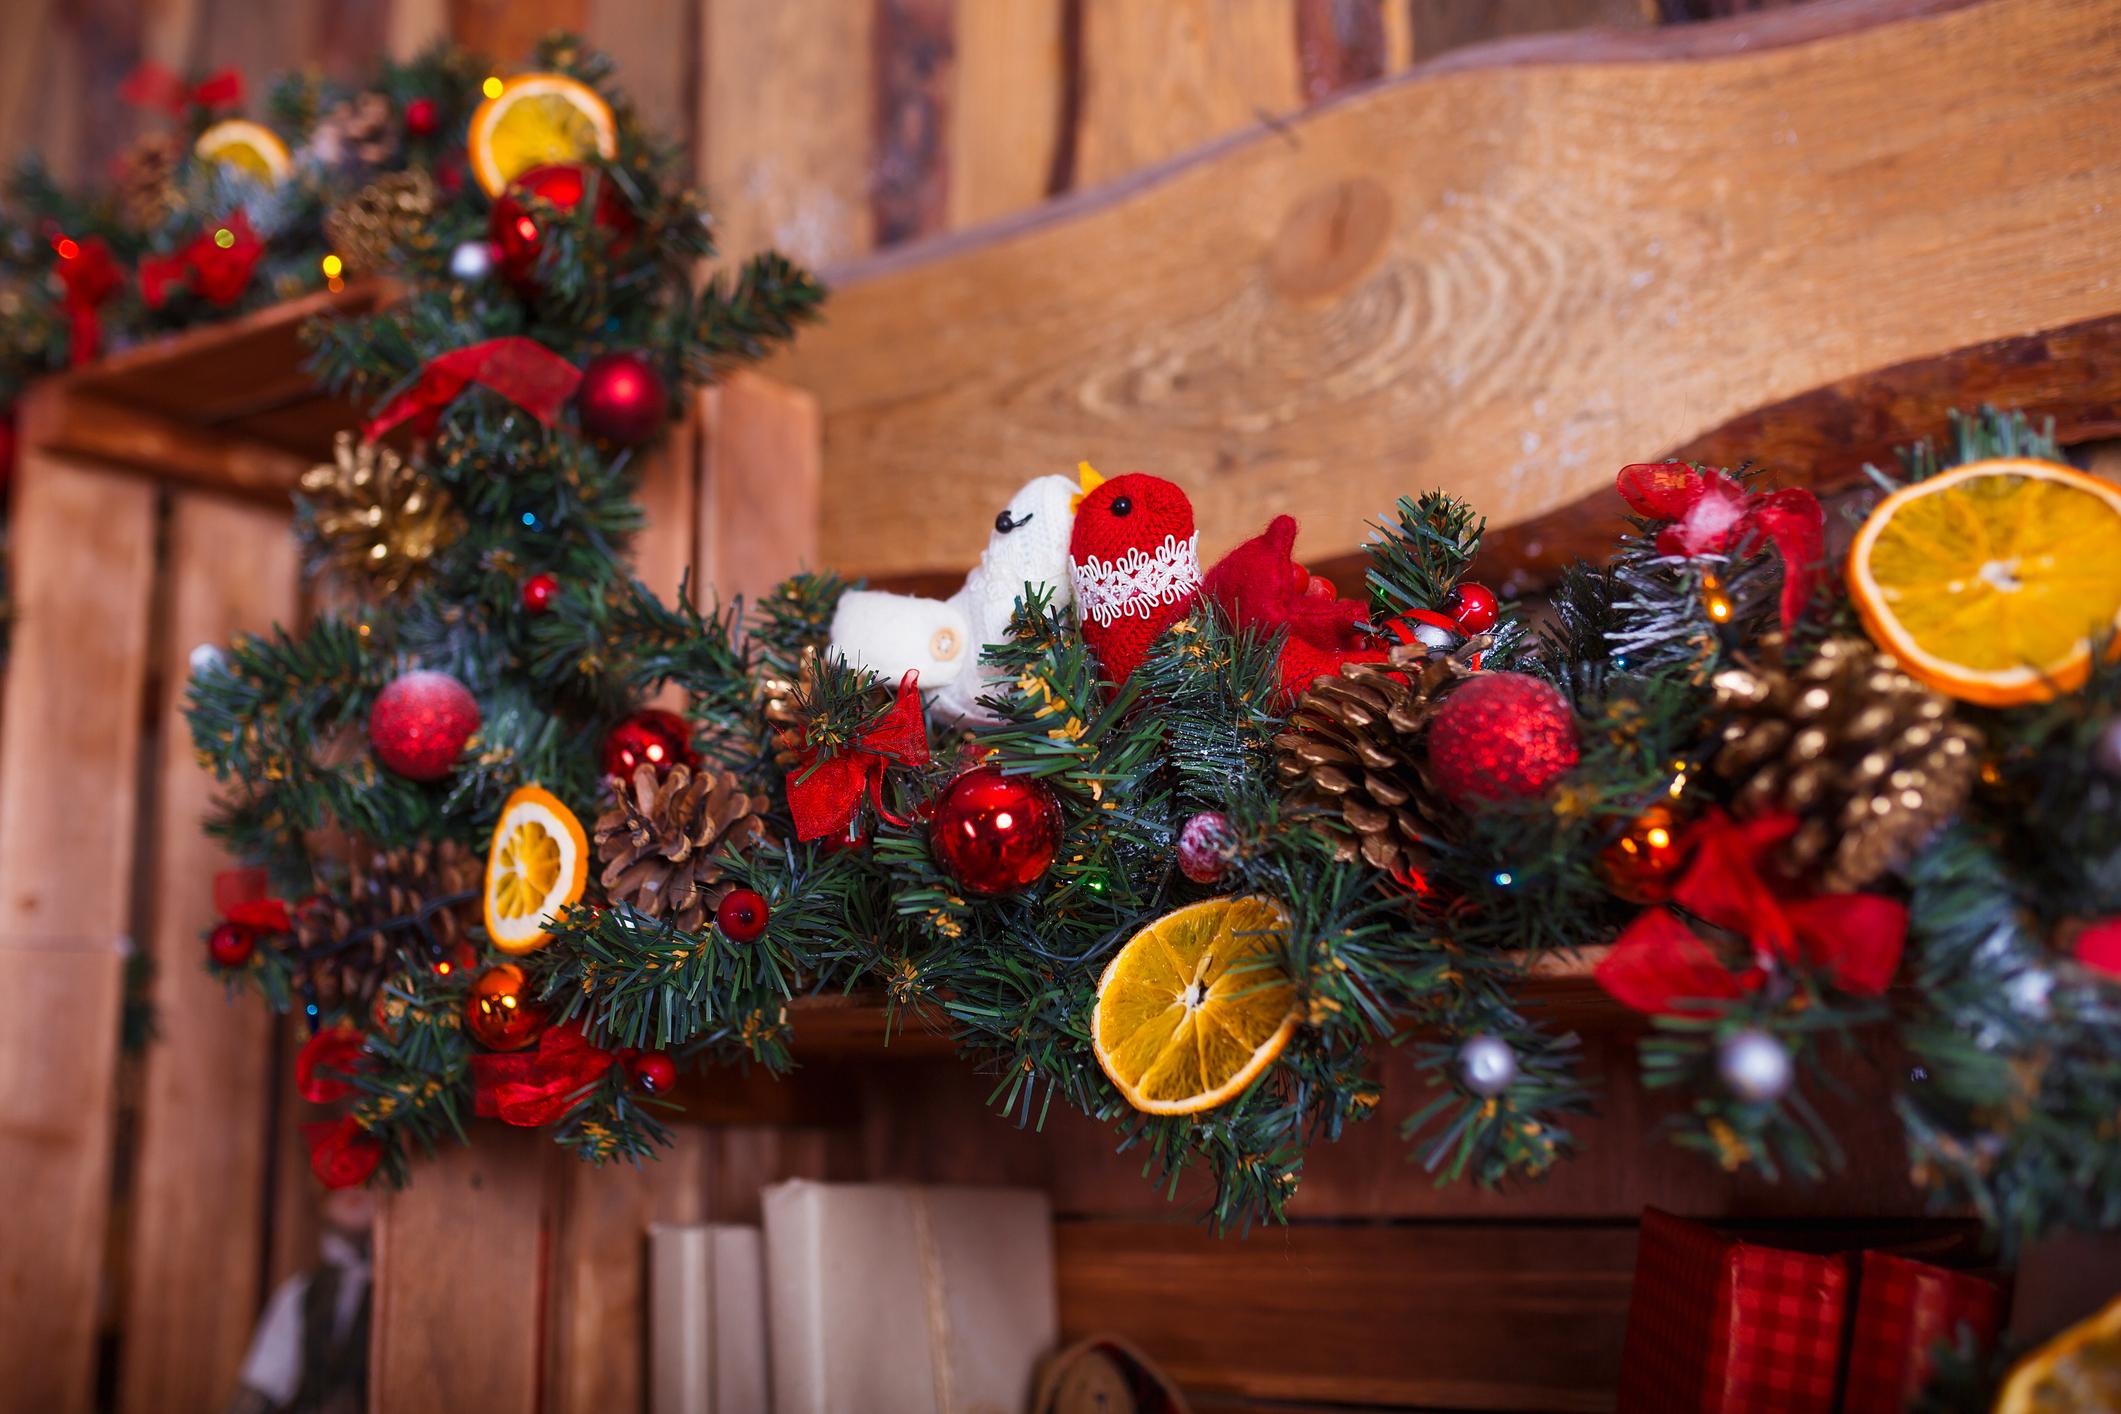 A girlandot nemcsak karácsonyi díszekkel, de fényfüzérrel is feldíszítheted.